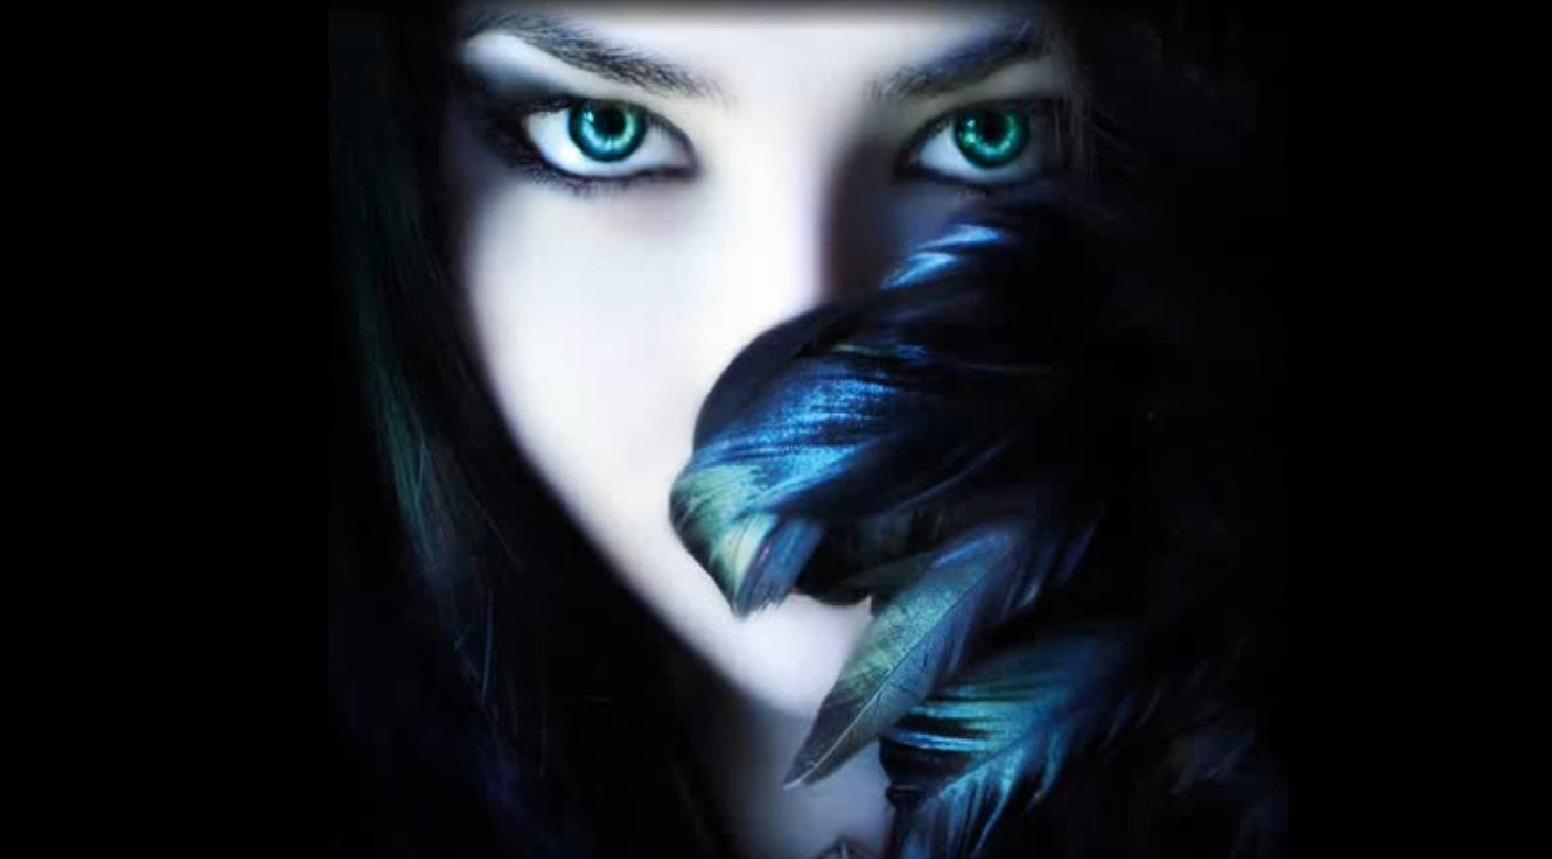 El espejo g tico poemas g ticos de amor for Espejo que no invierte la imagen